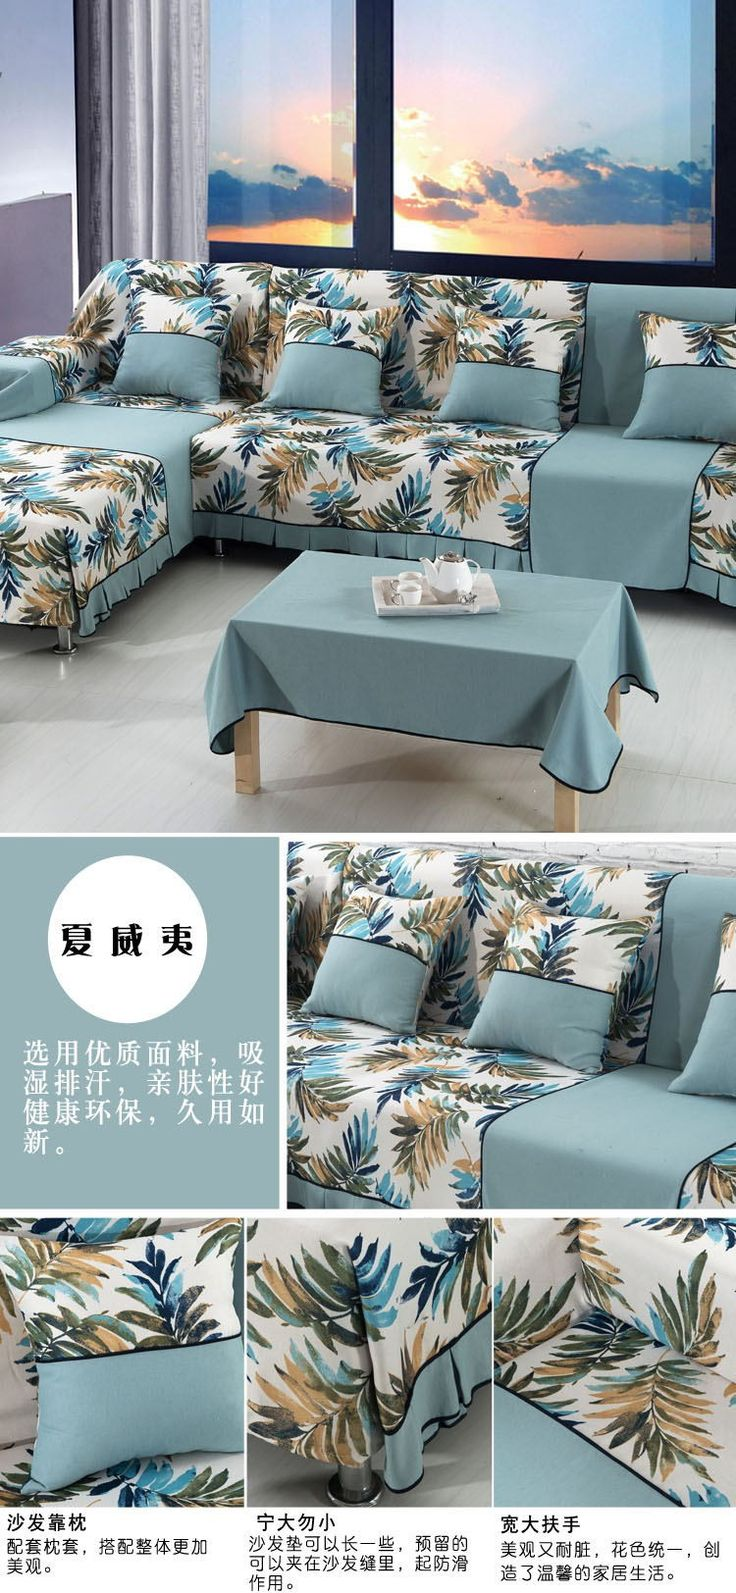 2016 хлопок чехол диван покрытие двойной комбинации тканевое покрытие диван Современный стиль моды купить на AliExpress